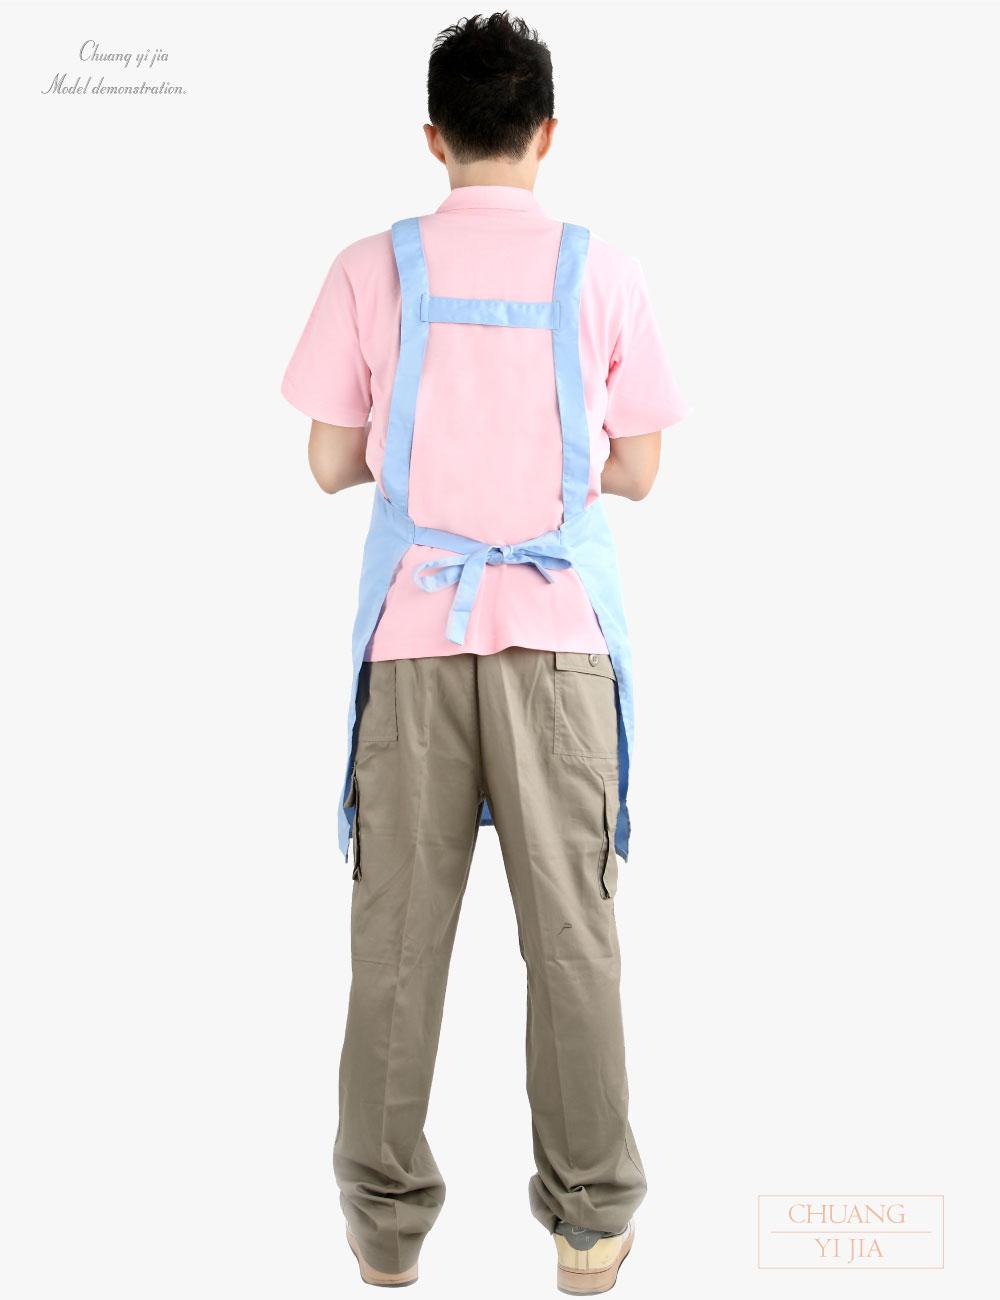 工作圍裙,專業圍裙,廚師圍裙,烘培圍裙,園藝圍裙,防髒圍裙,日式圍裙,半截圍裙,圍裙訂製,職人日式圍裙圍